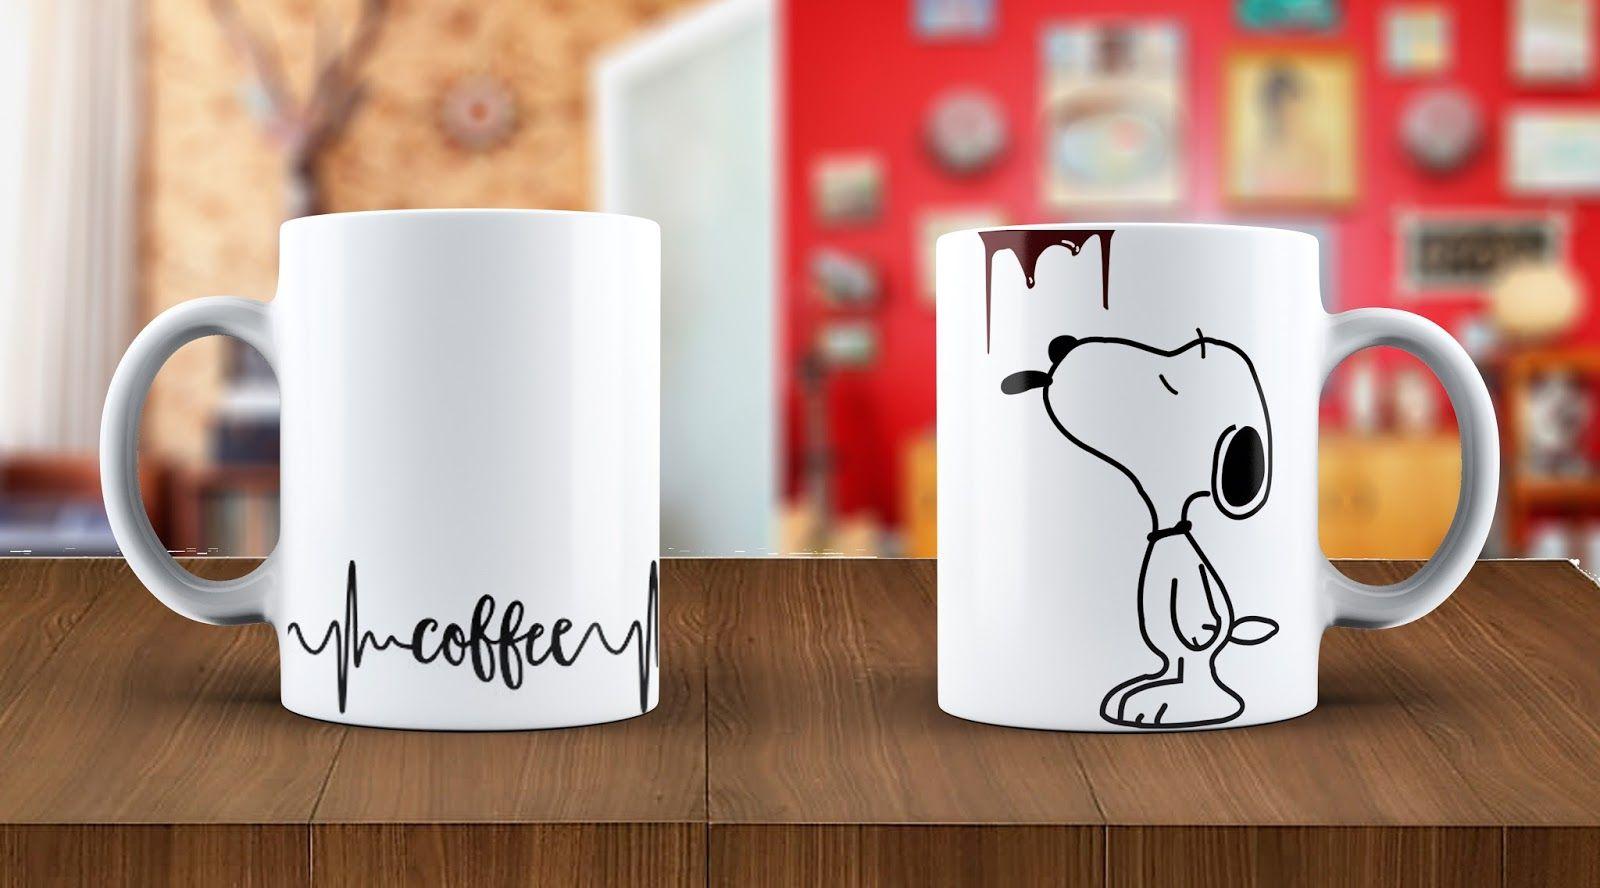 Una plantilla de Snoopy sencilla para tazas 2103414d97dc